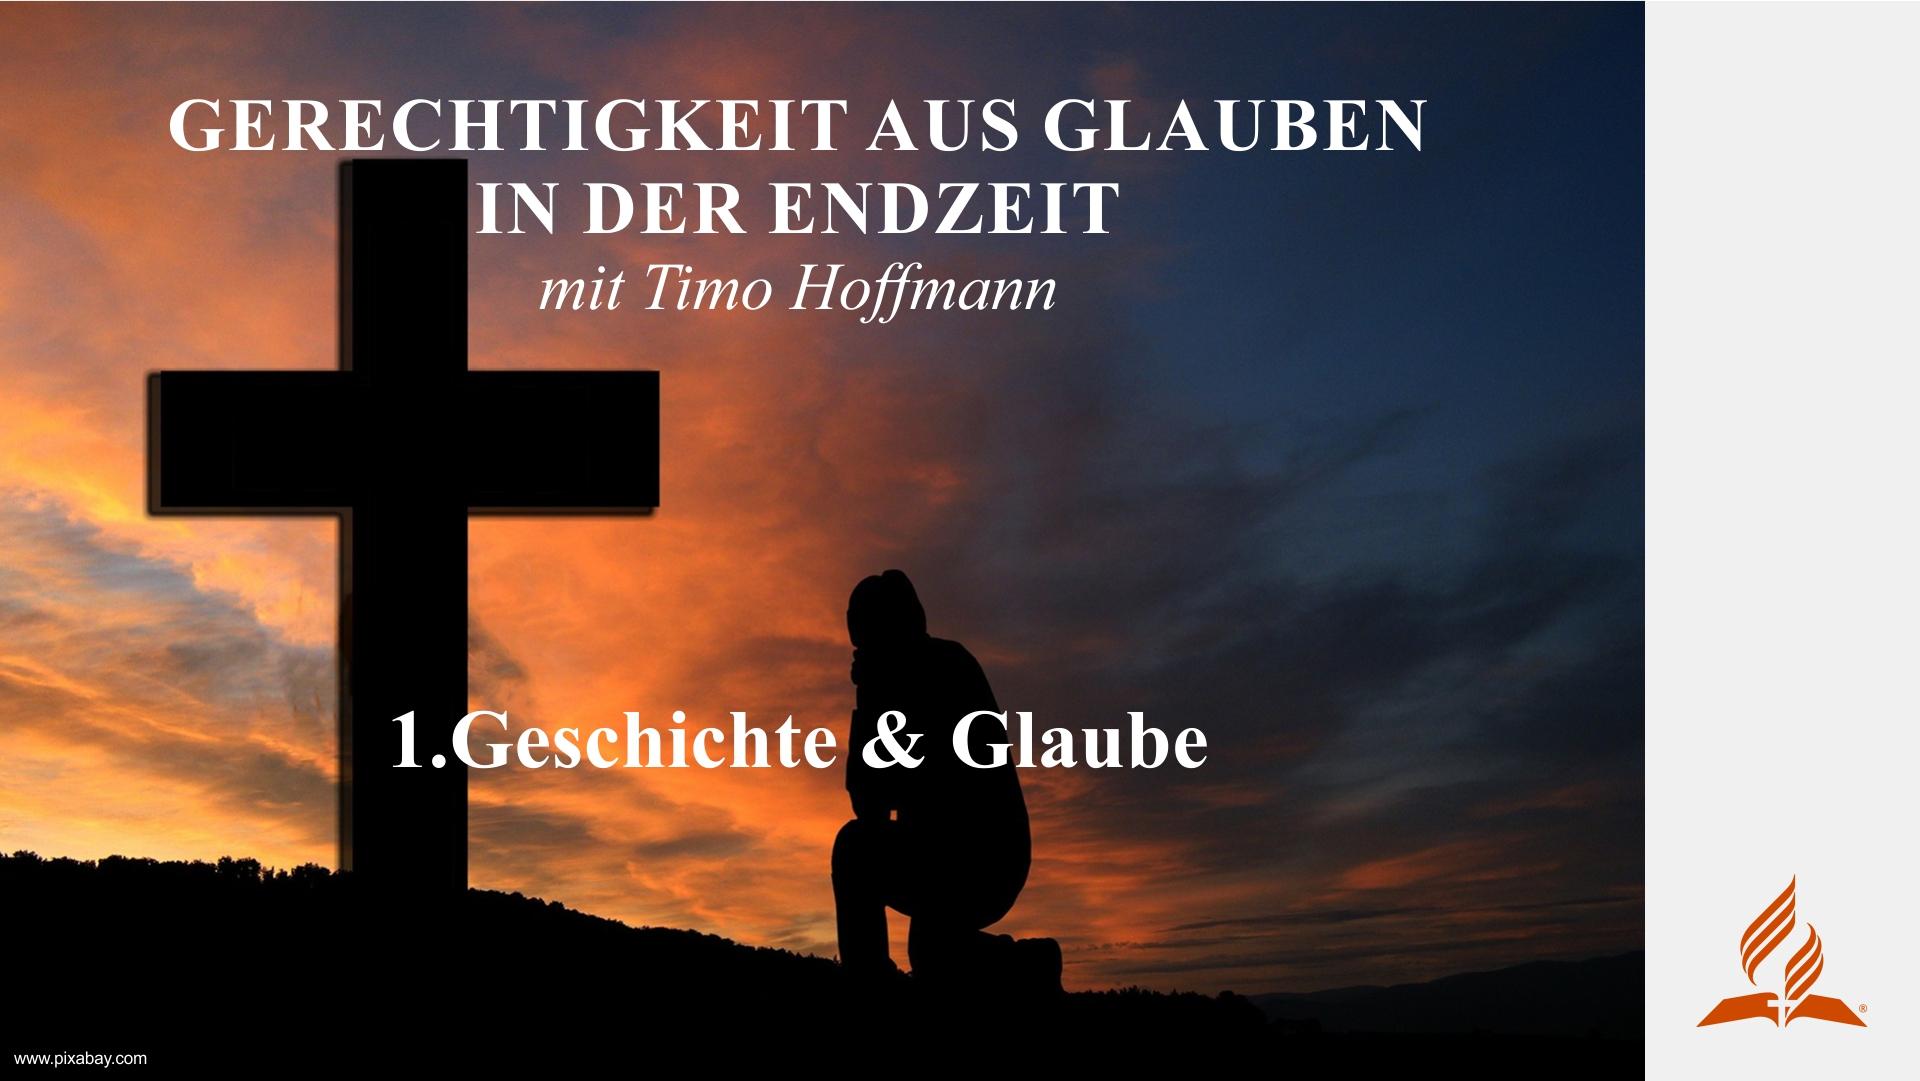 1.Geschichte & Glaube – GERECHTIGKEIT AUS GLAUBEN IN DER ENDZEIT | Timo Hoffmann